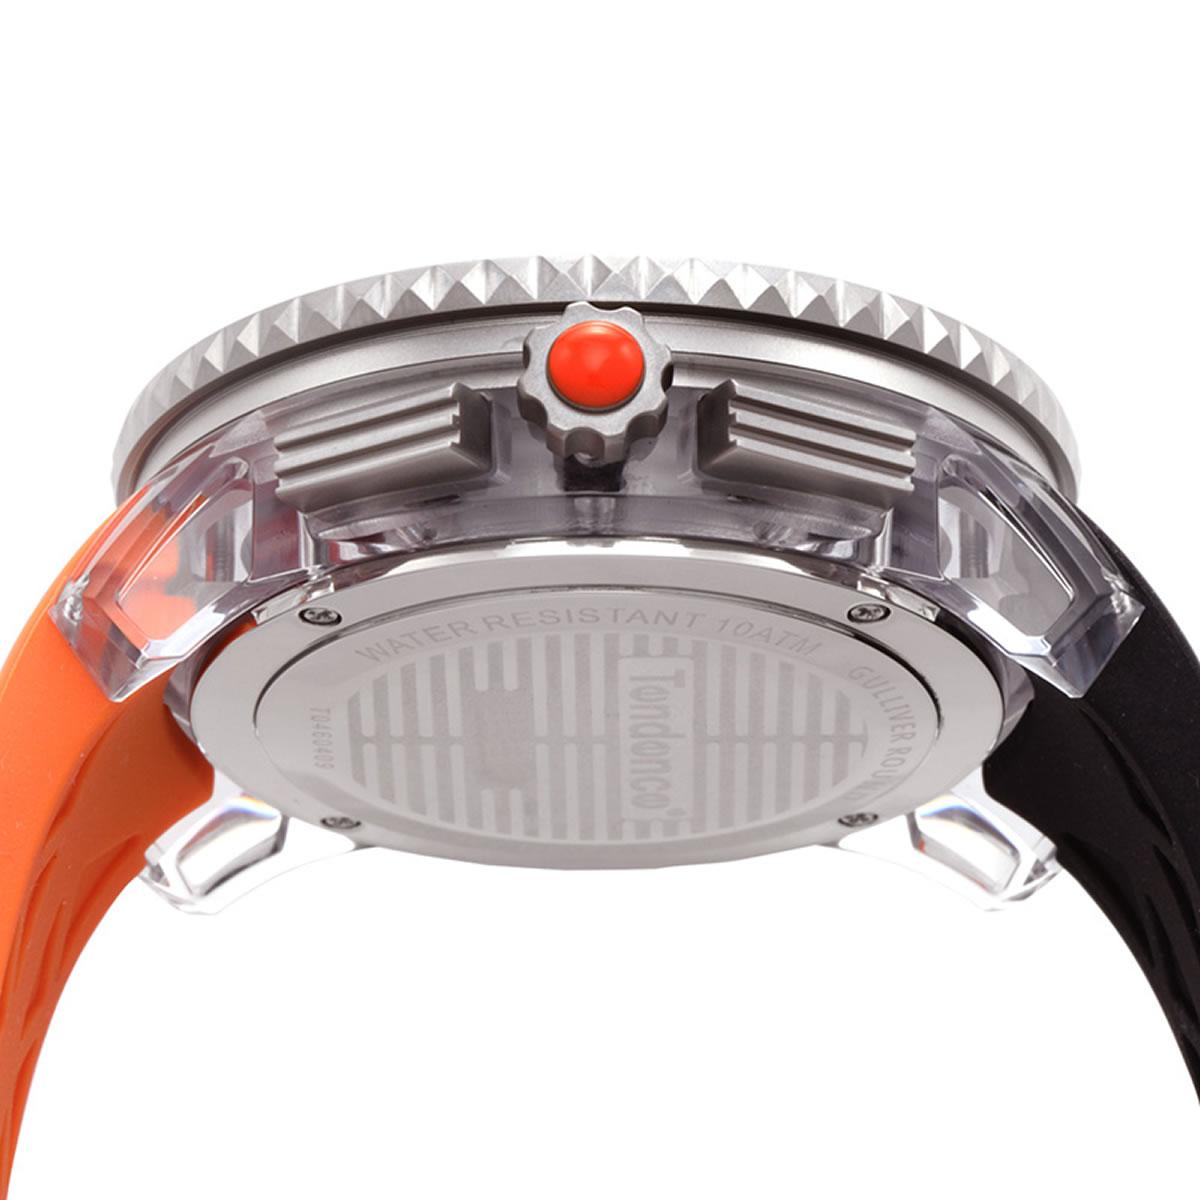 Tendence 腕時計 クレイジー ウォッチ